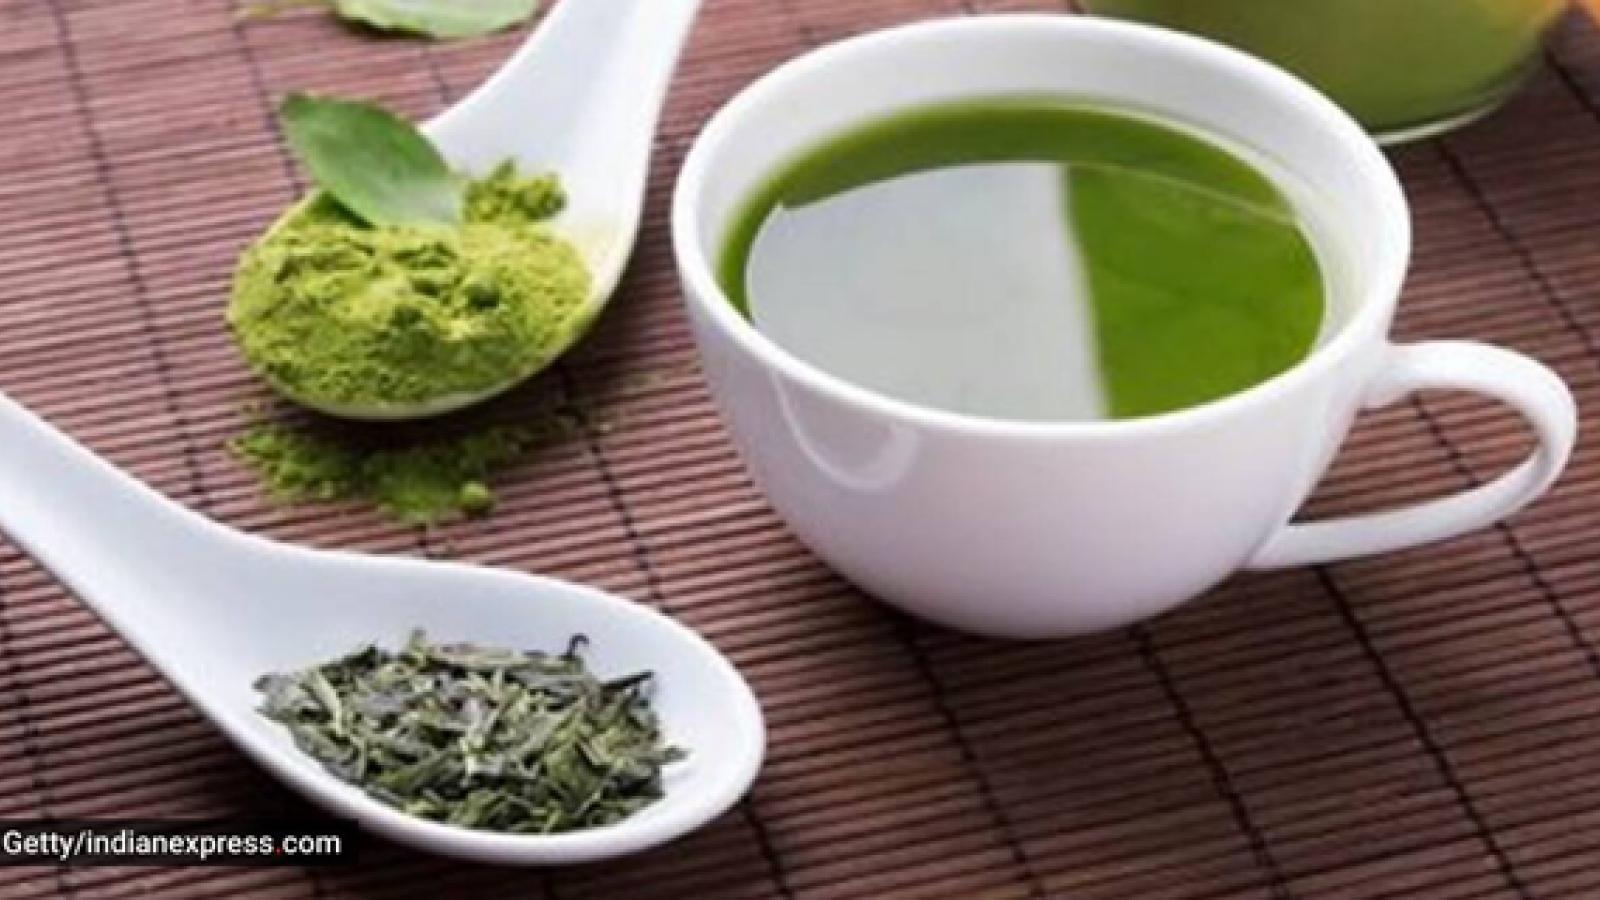 Uống trà xanh vào thời điểm nào và số lượng bao nhiêu để tránh gây hại cho sức khỏe?